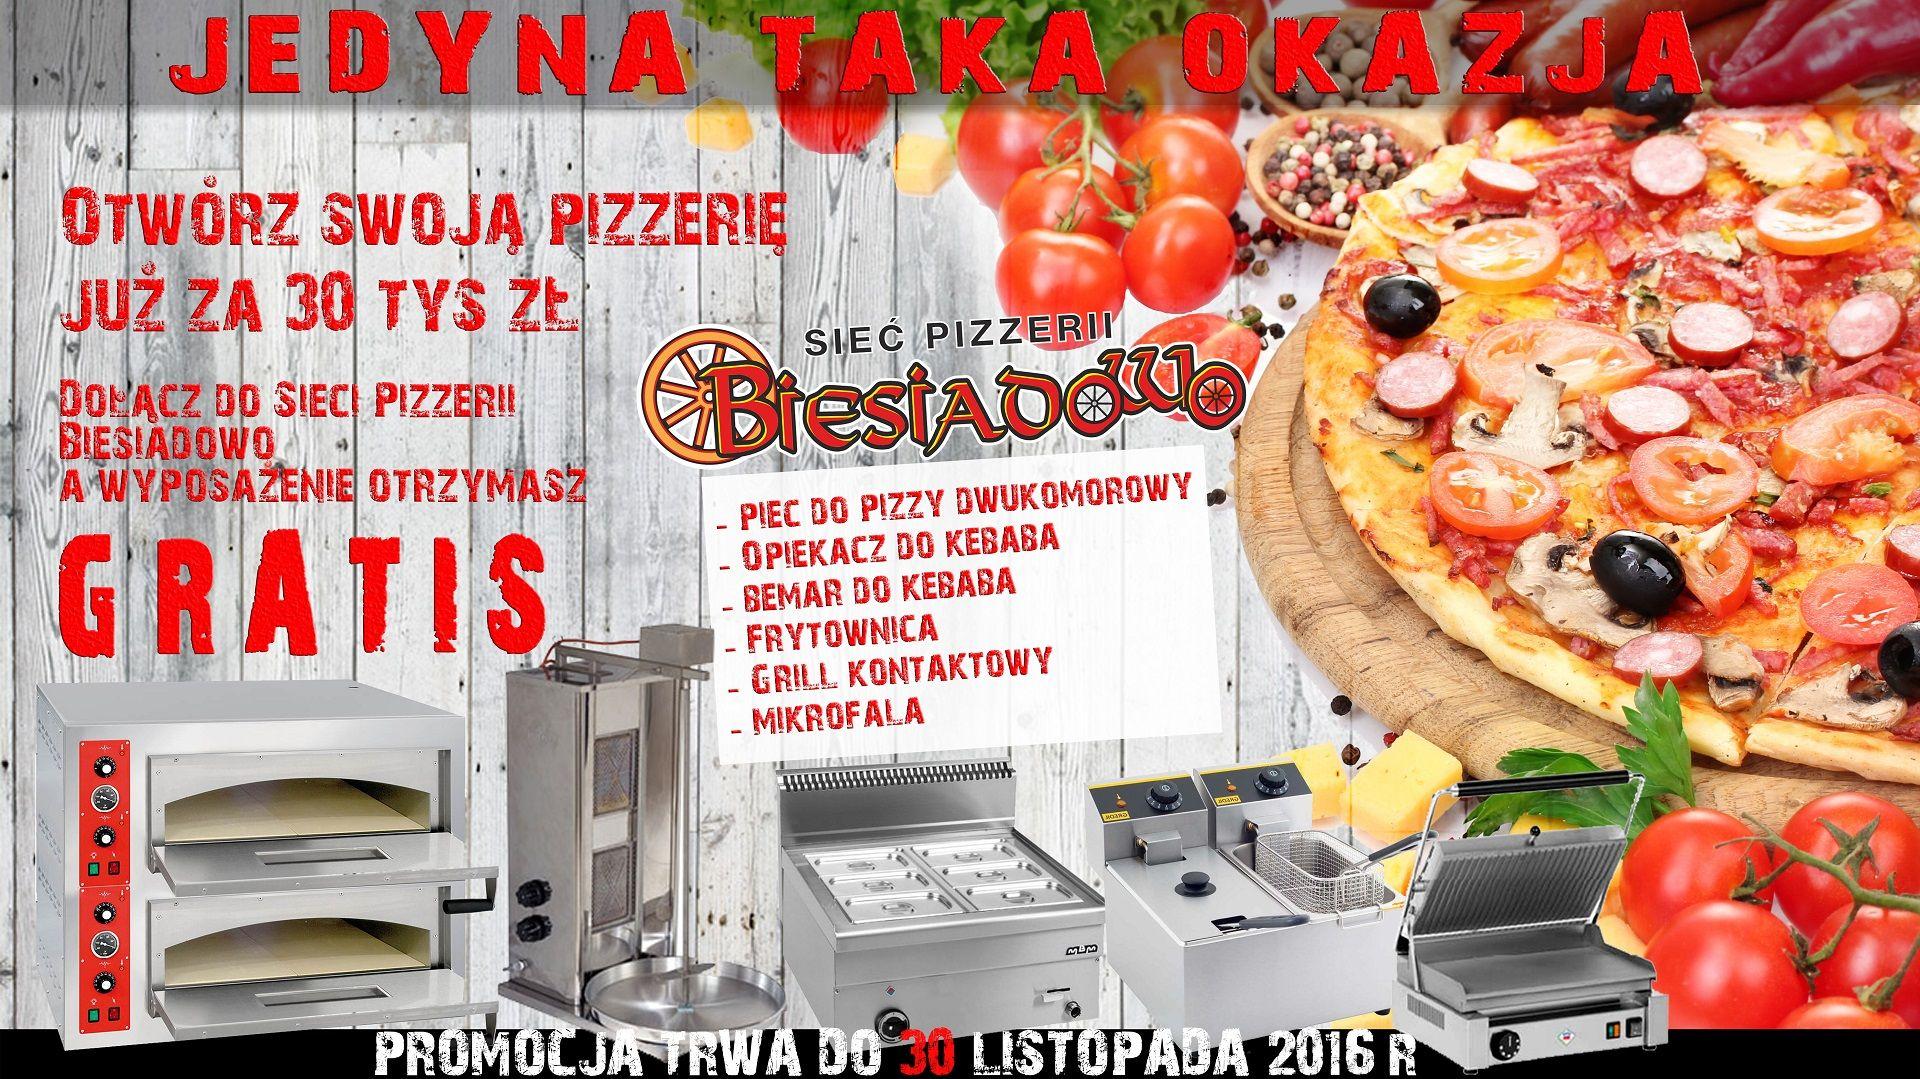 Zobacz zdjęcie najlepszej pizzerii w mieście